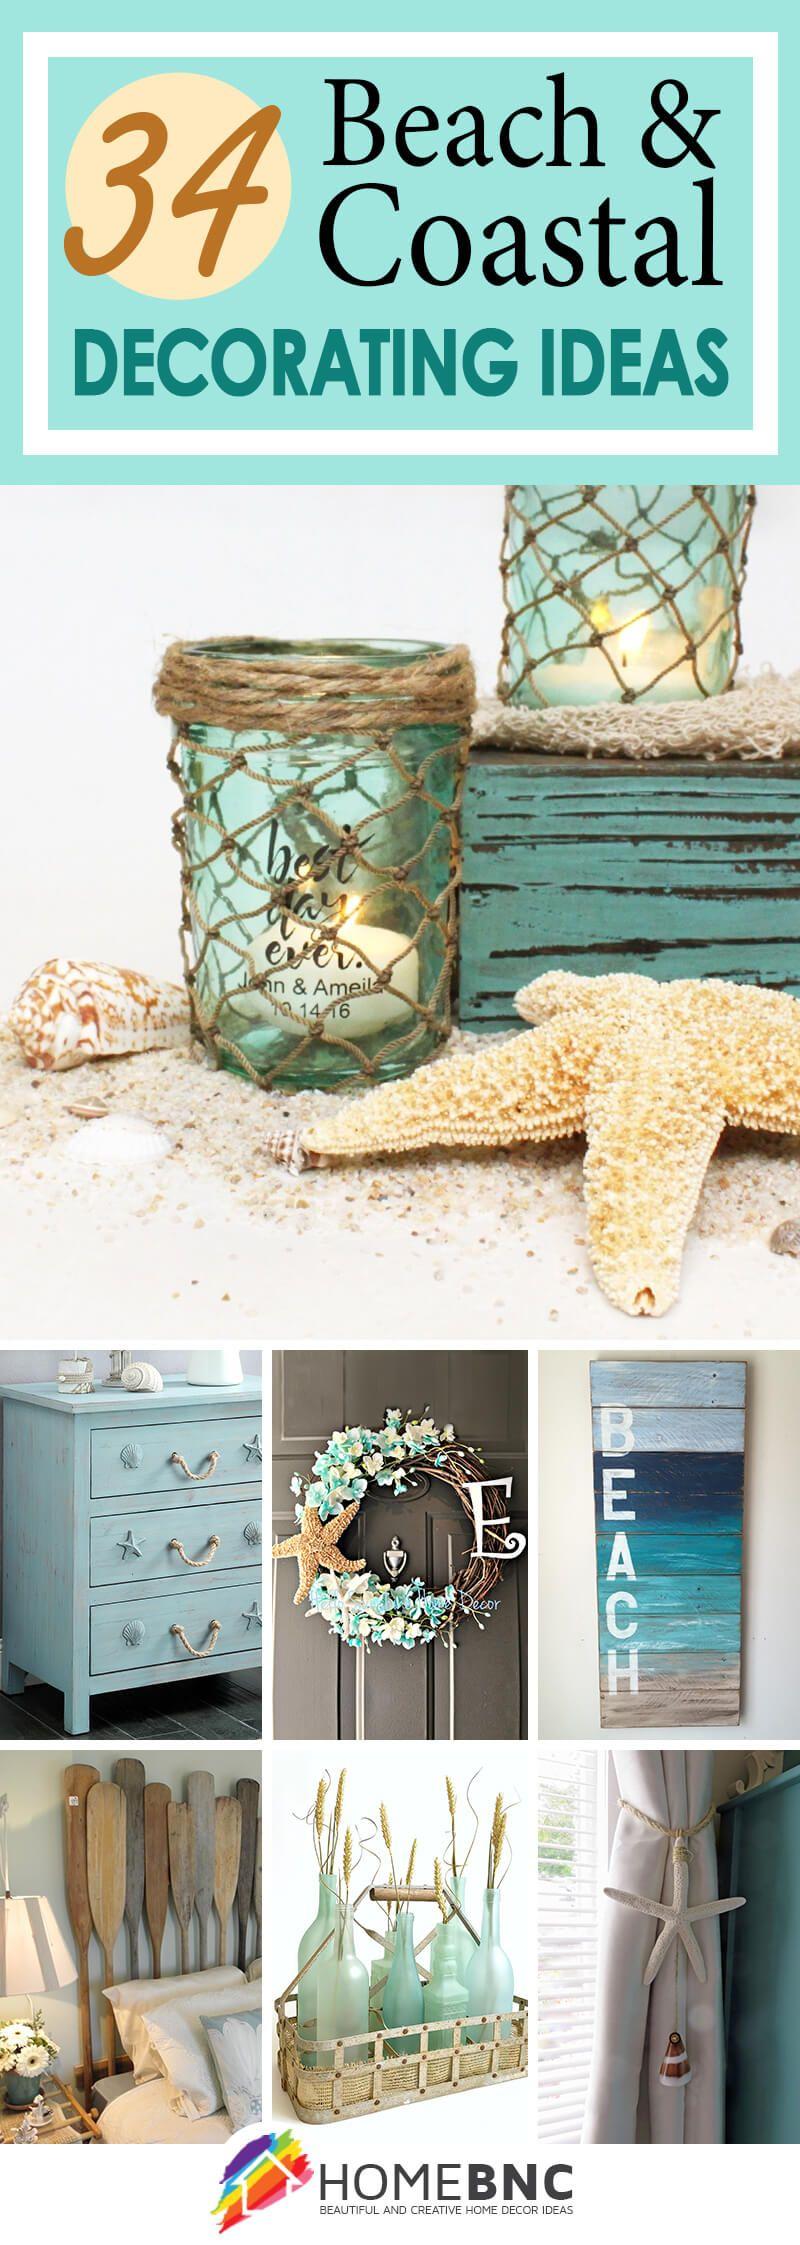 Beach Theme Decor Ideas Part - 23: Beach And Coastal Decorating Ideas